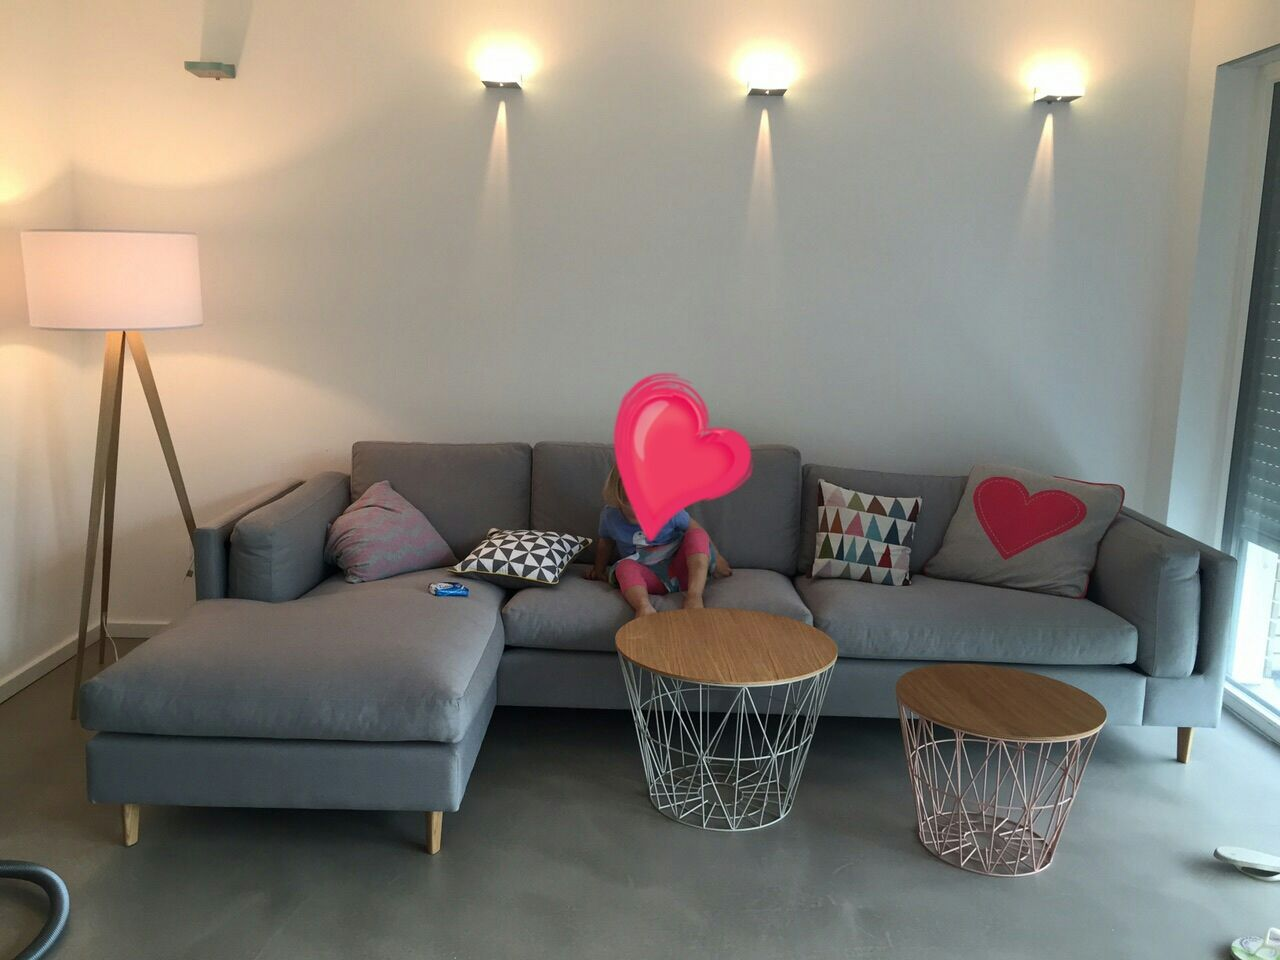 moderne wohnzimmergestaltung mit einem versiegelten. Black Bedroom Furniture Sets. Home Design Ideas